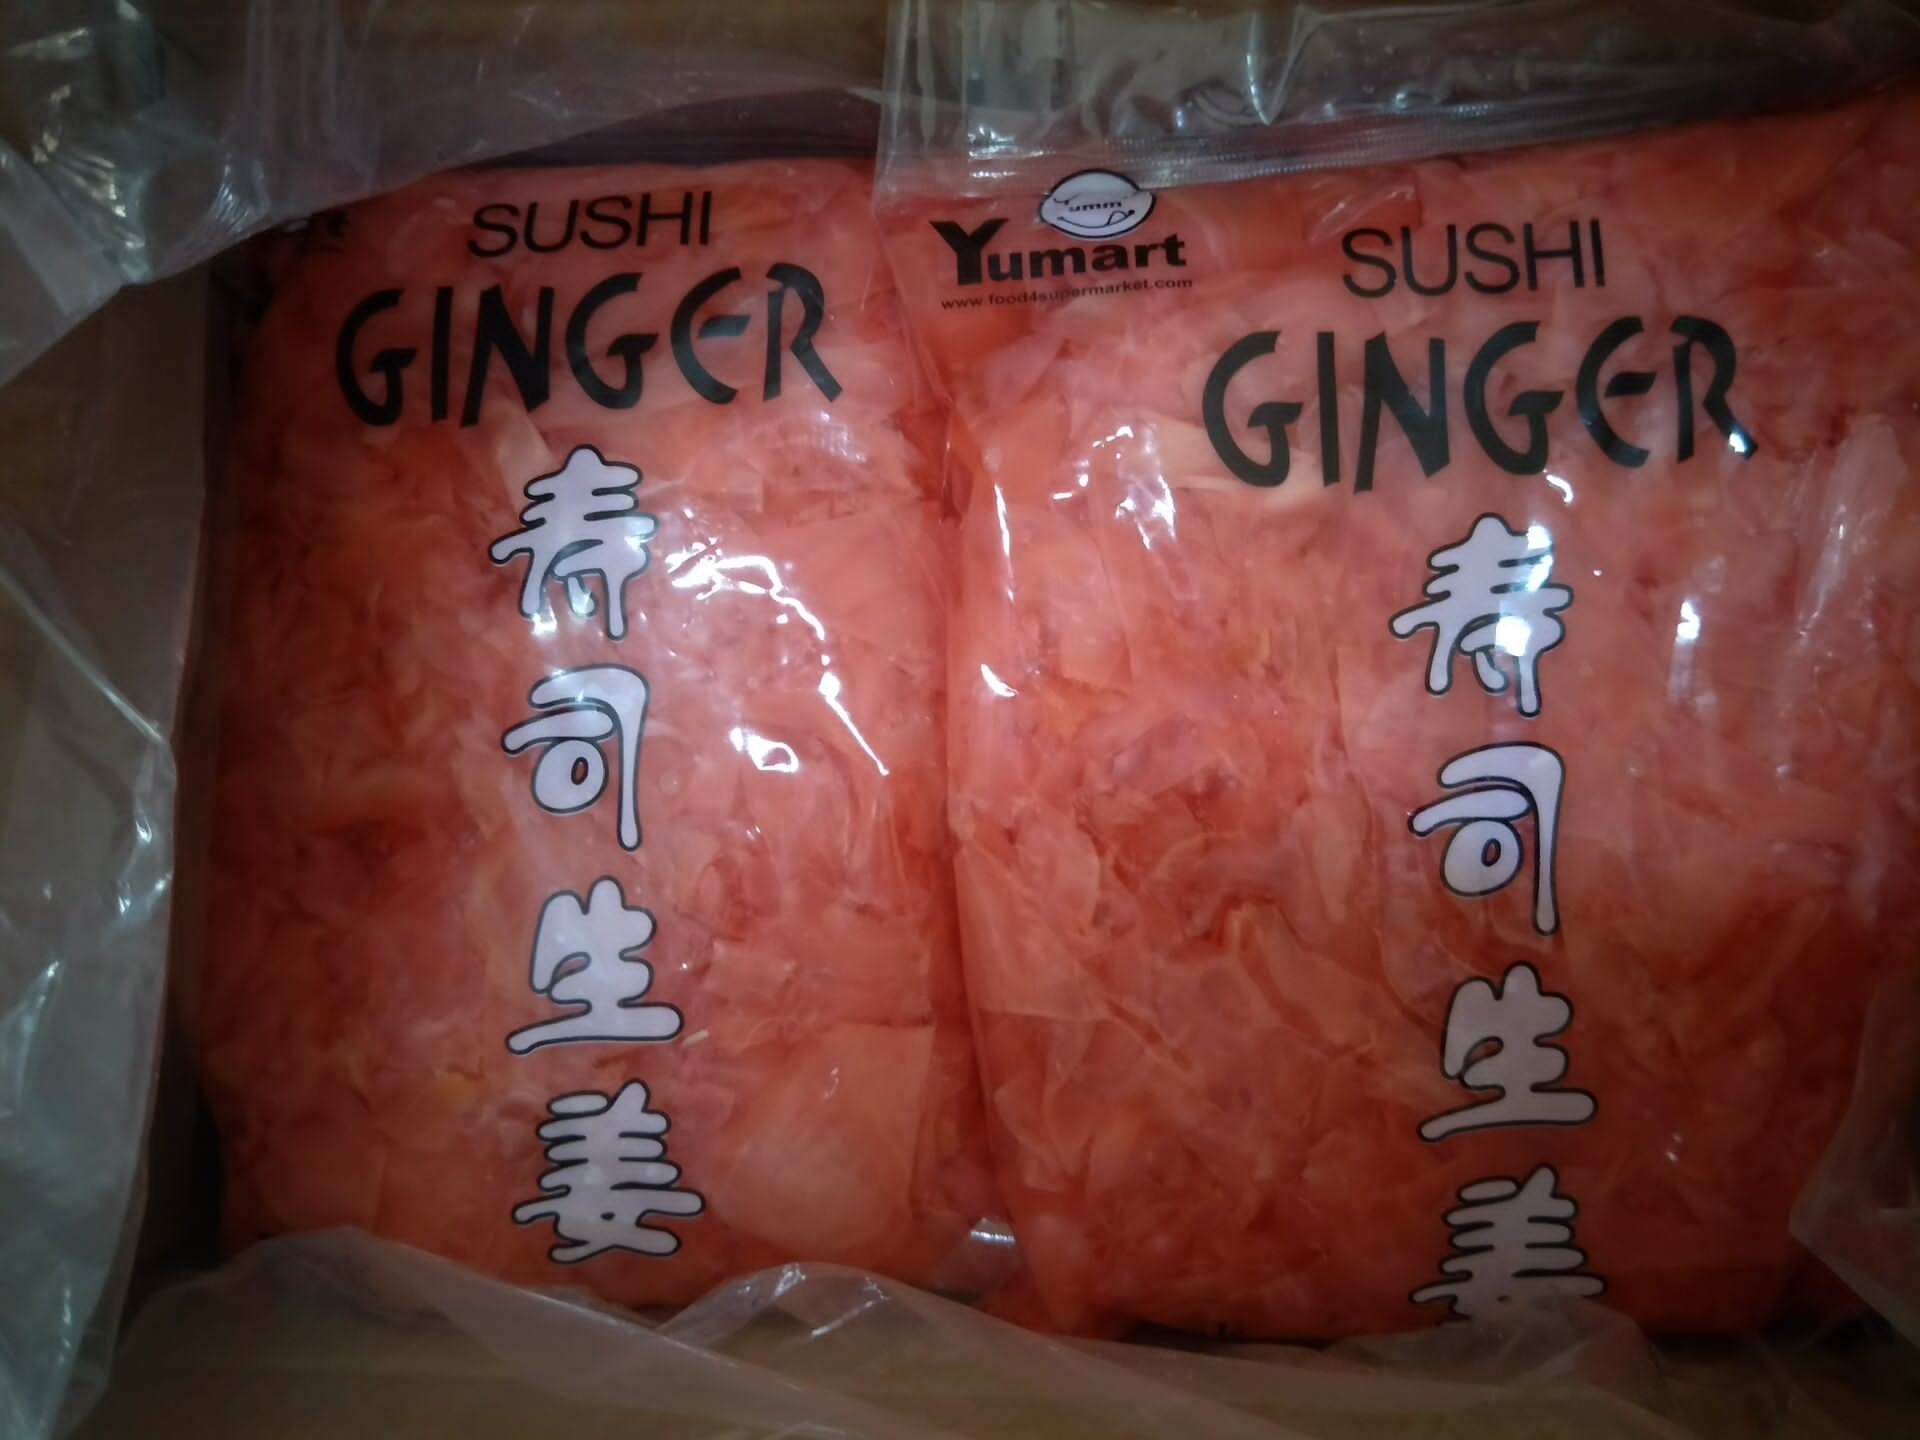 China Japanese Pickled Ginger China Pickled Ginger Pickled Ginger Bud